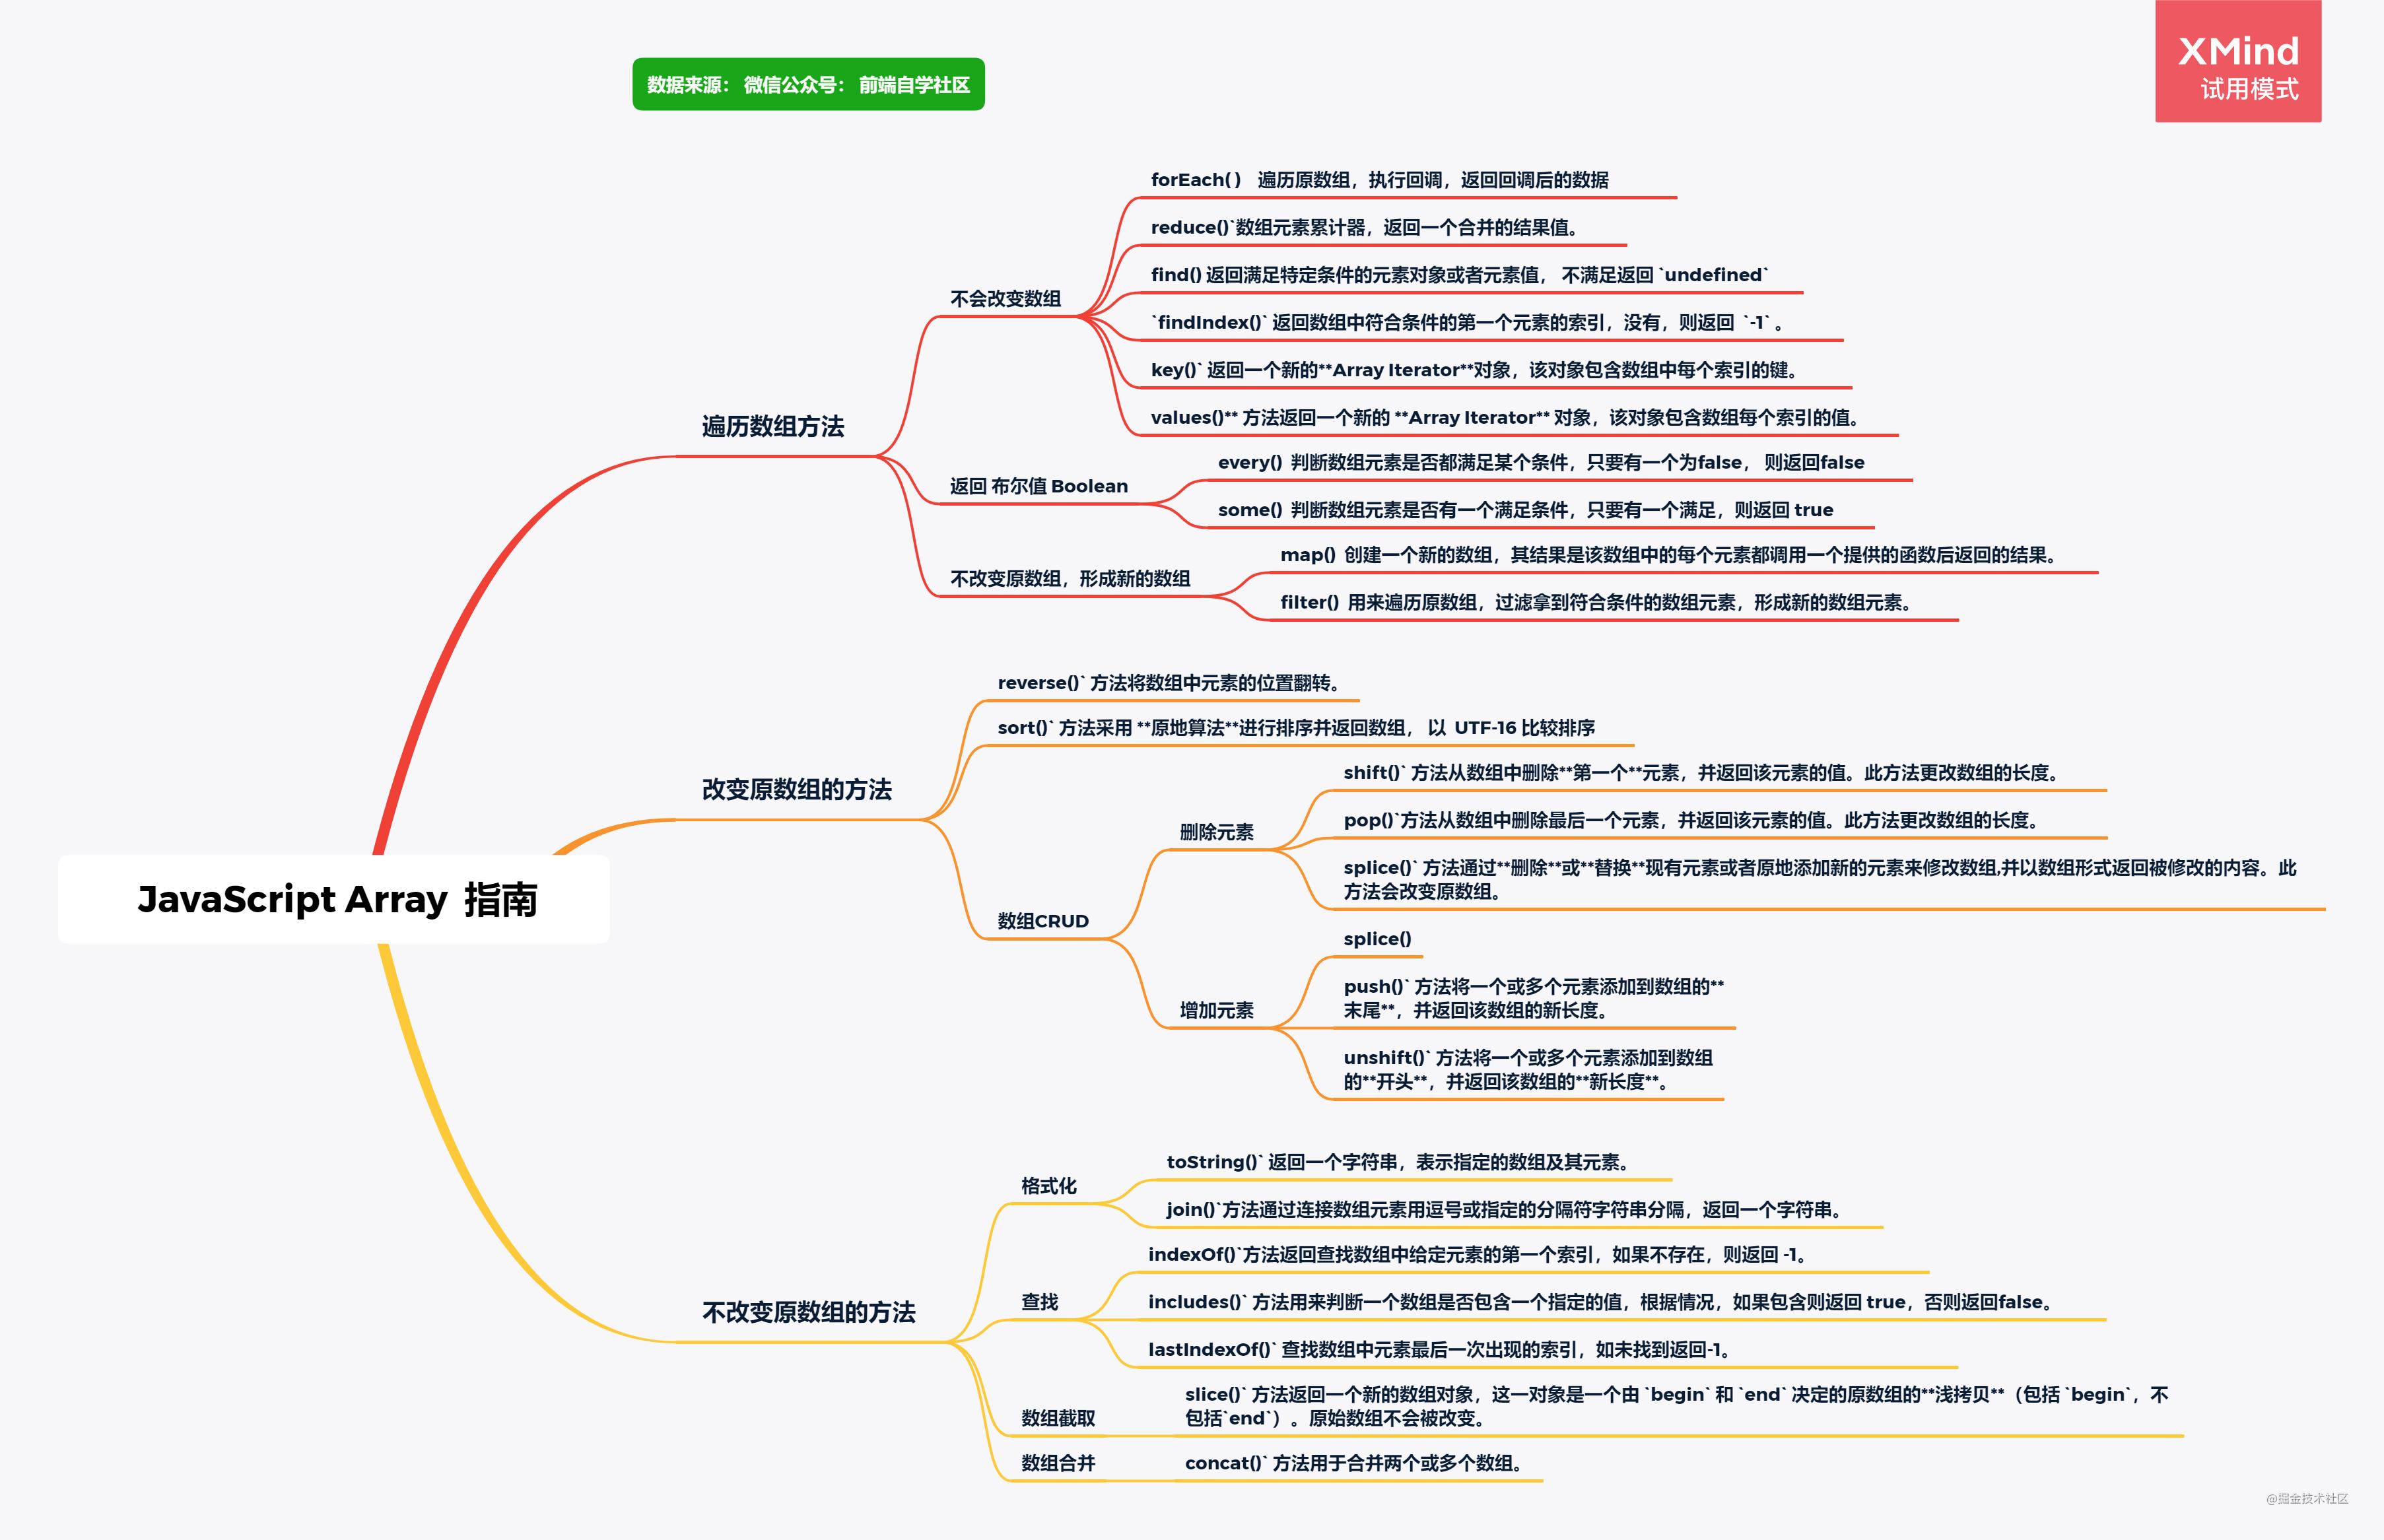 爆 肝 一 周 总 结 最全 JavaScript Array 方法详解